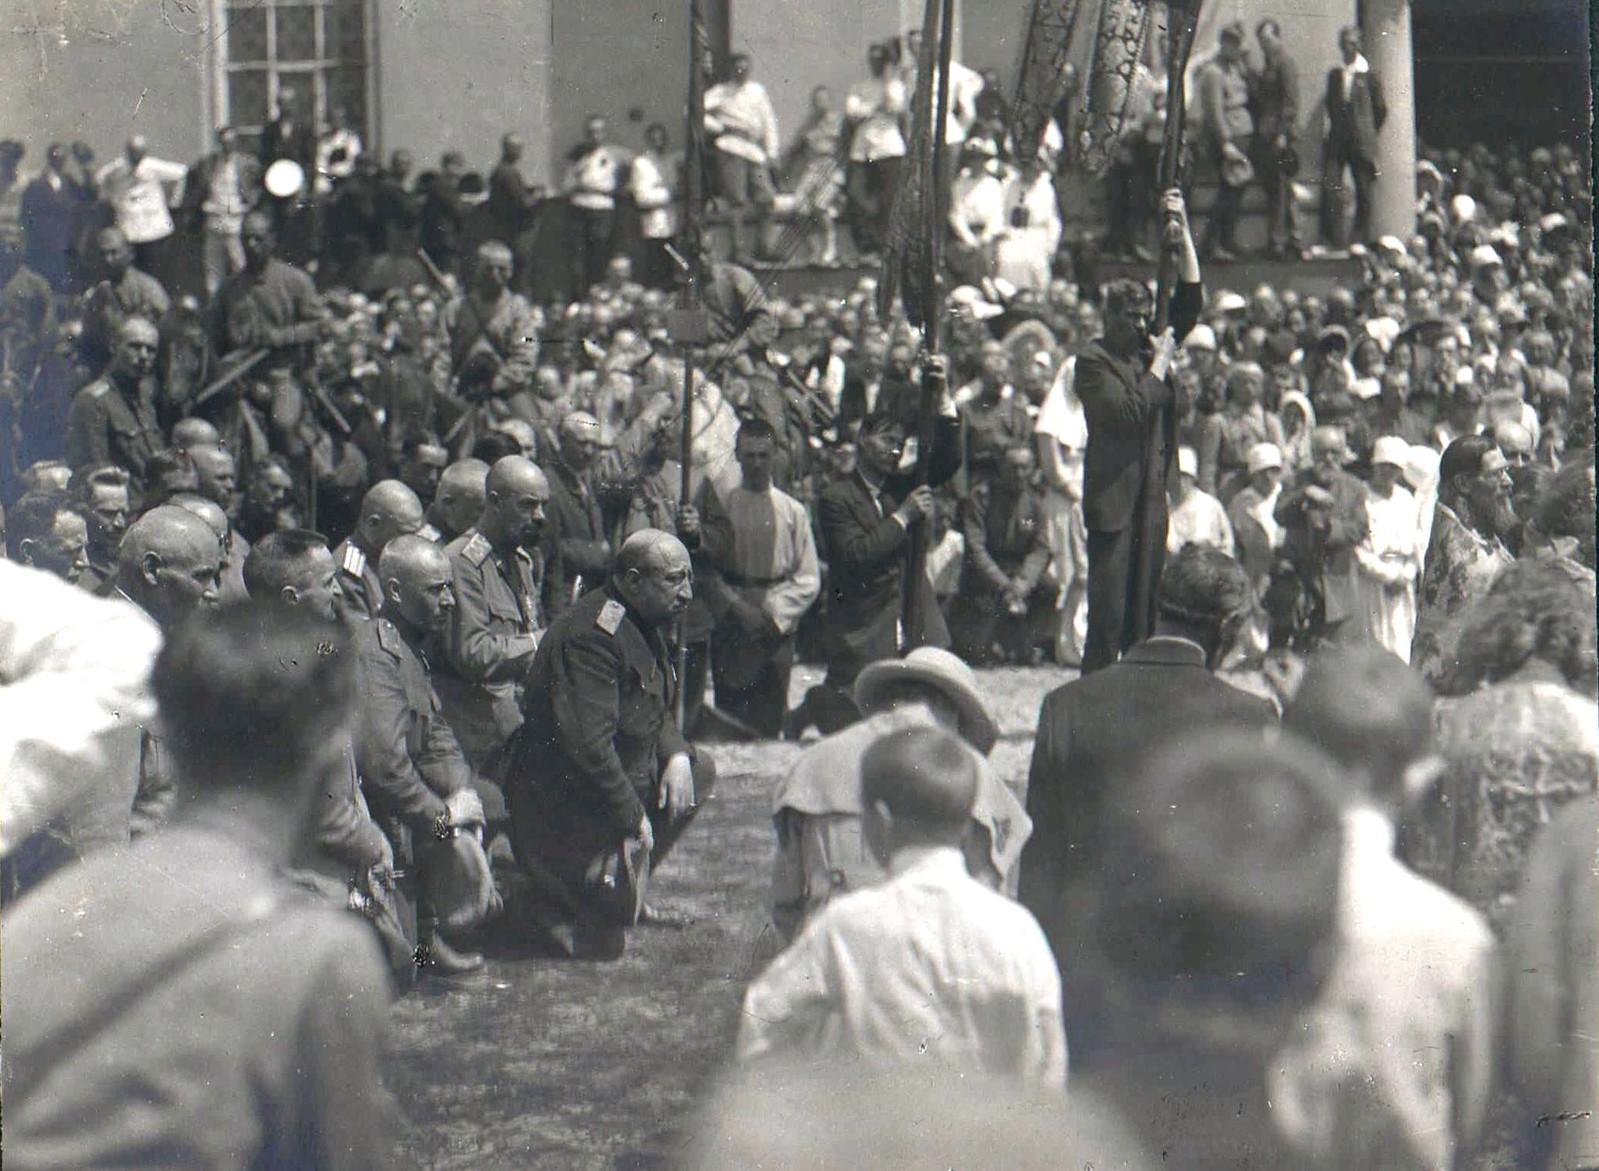 151. 1919. Генерал В.З. Май-Маевский и генерал А.П. Кутепов на панихиде по павшим воинам в Харькове, июнь